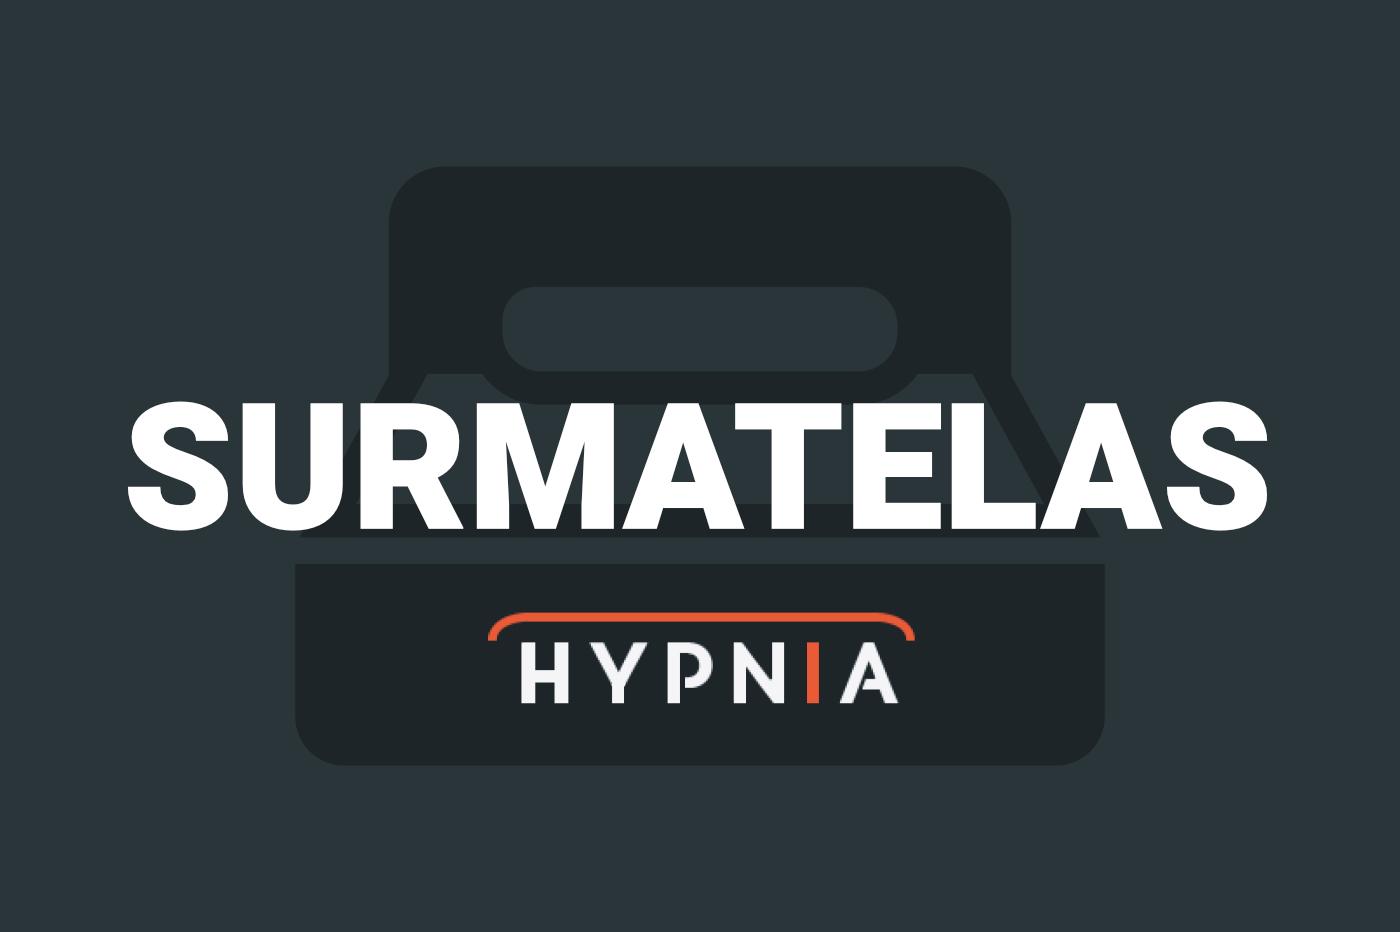 Surmatelas Hypnia